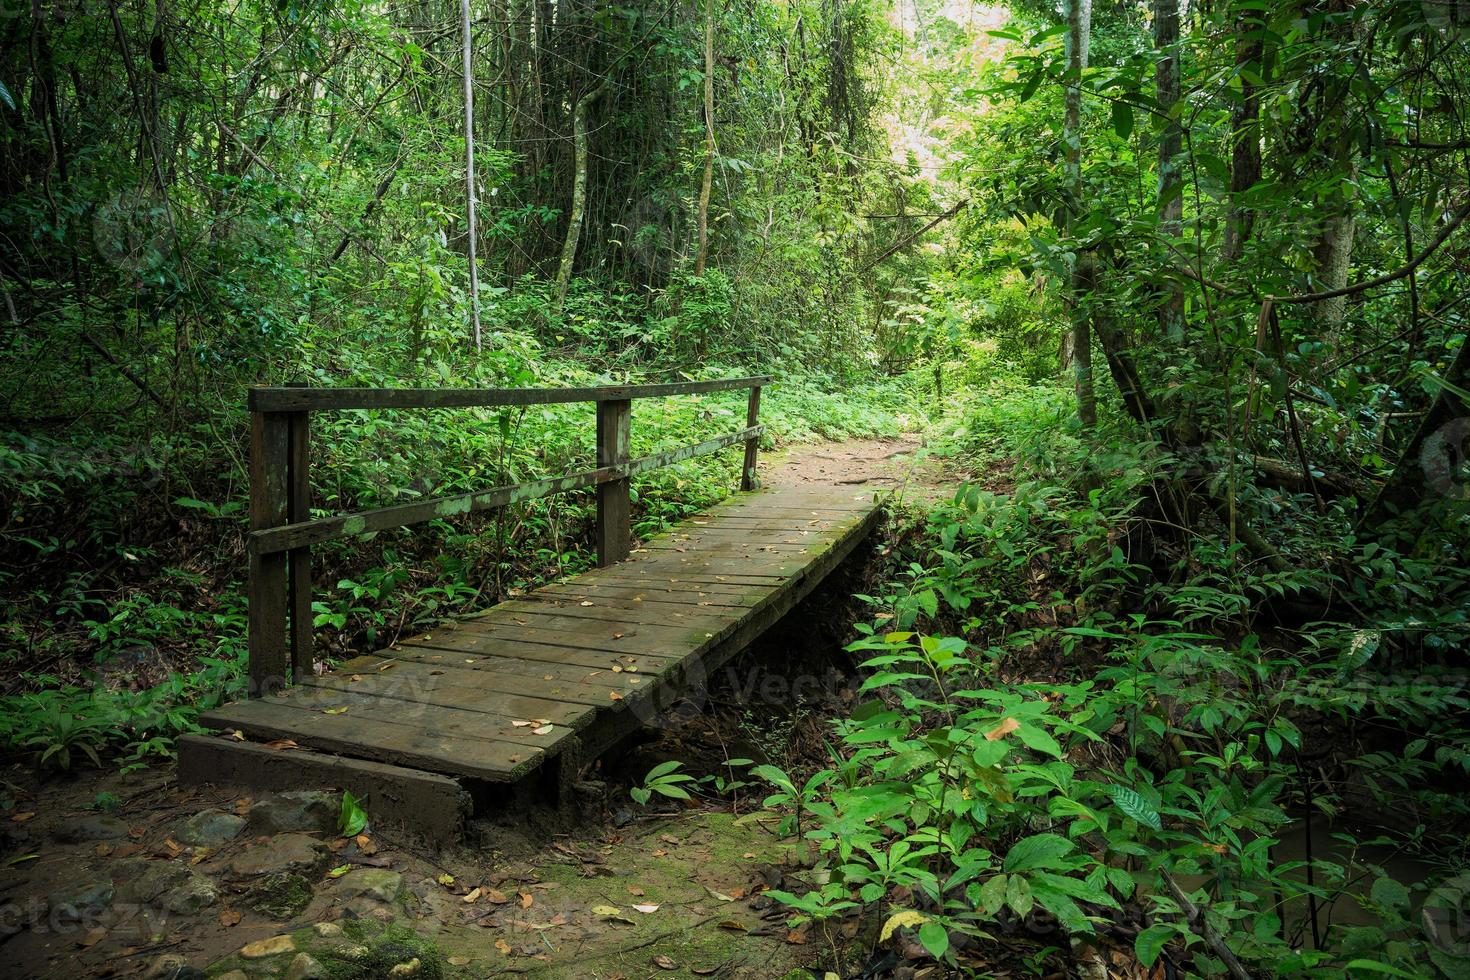 ponte de madeira na floresta tropical foto